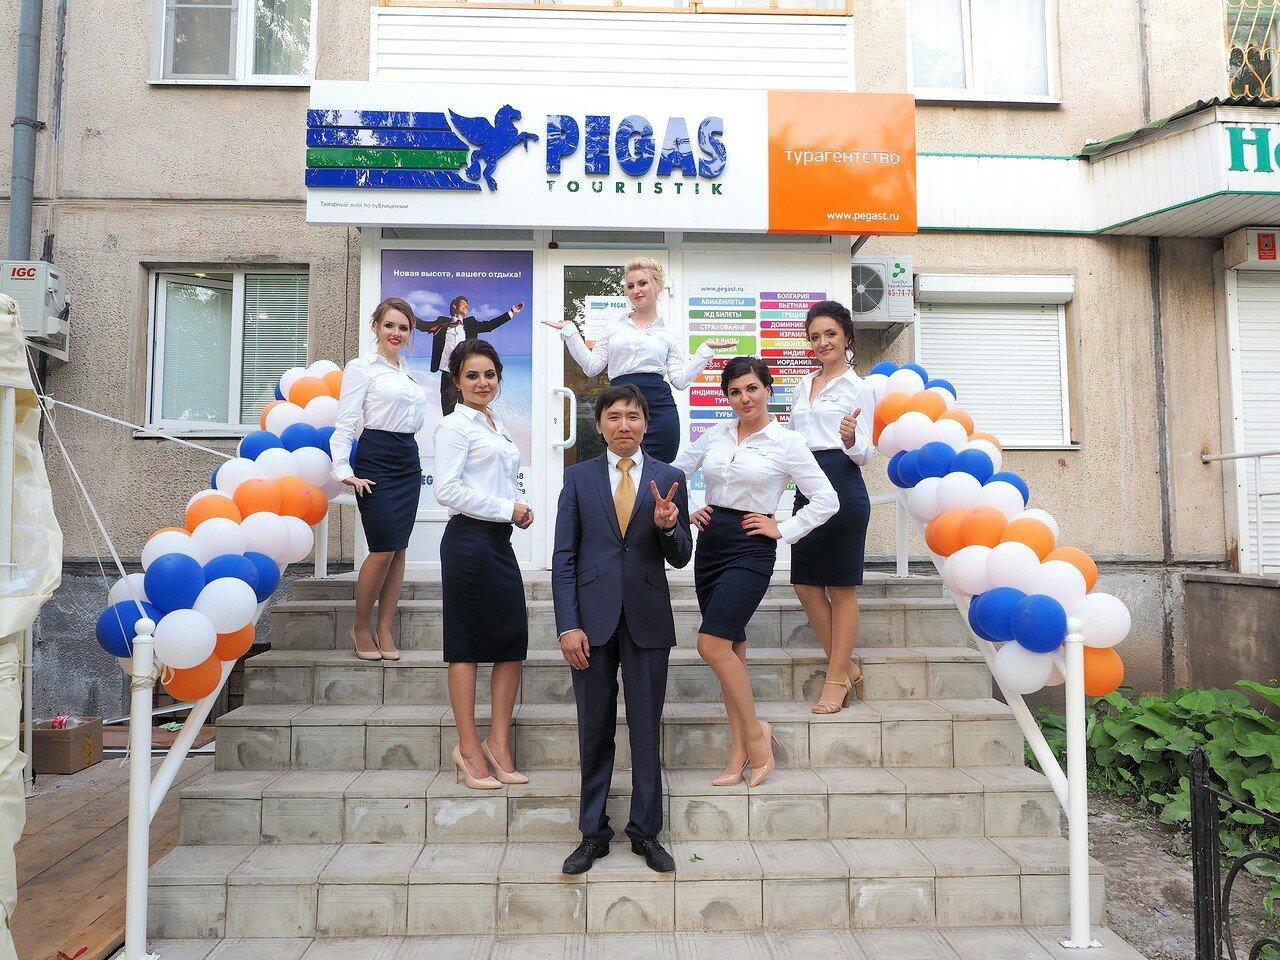 103 Открытие нового офиса Pegas Touristik 14.06.2017